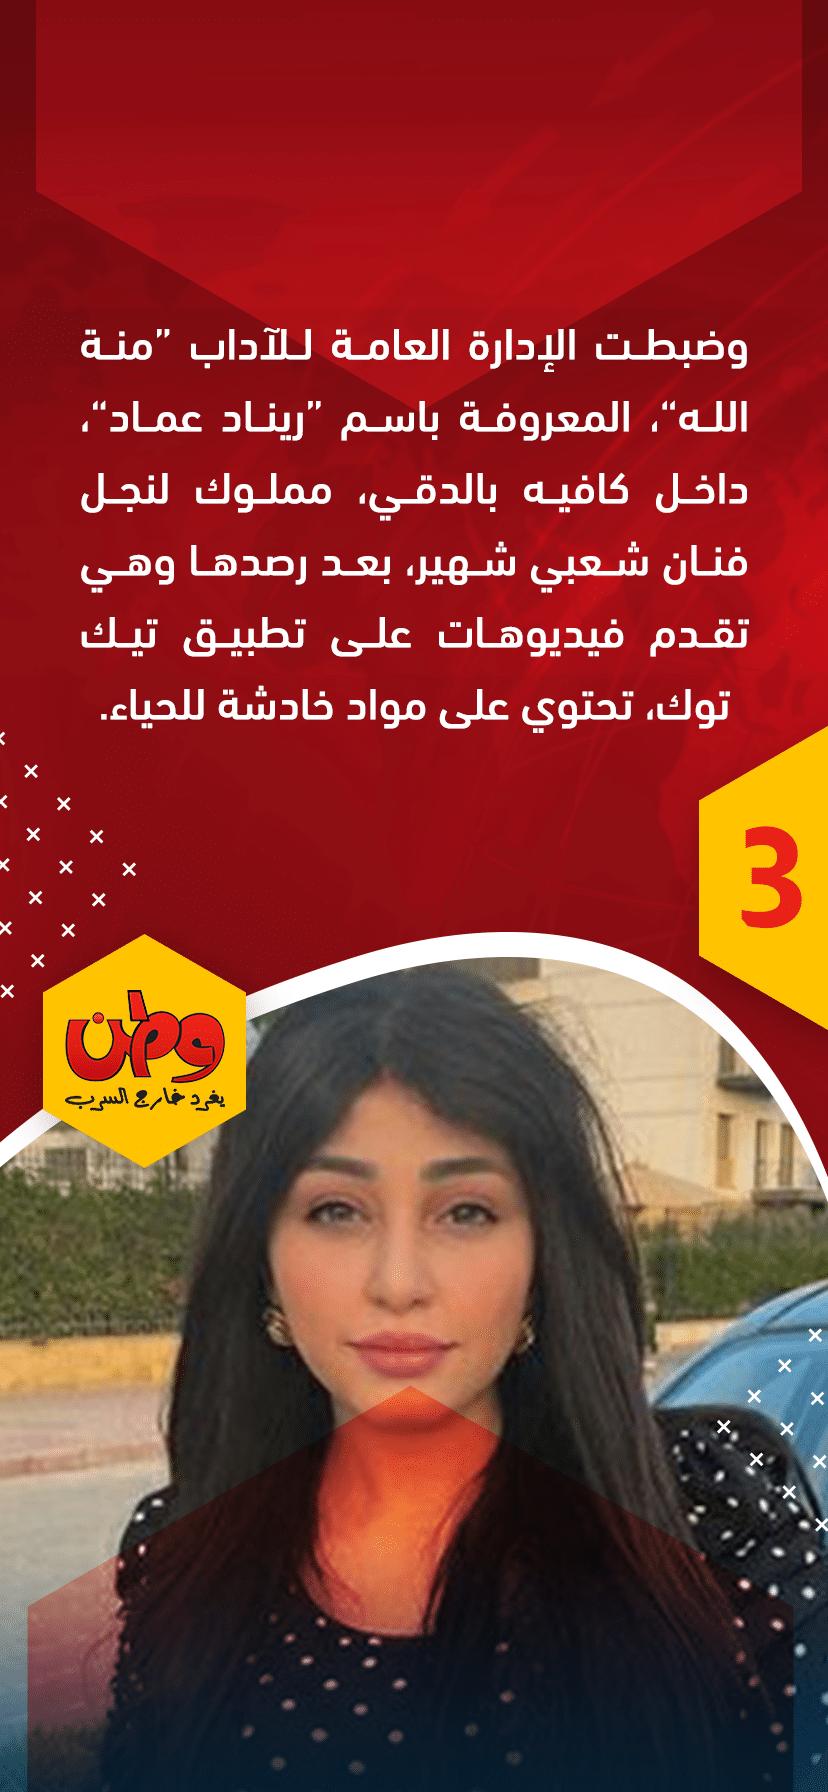 ريناد عماد (فتاة تيك توك) تلقى مصير قاسٍ بعد نشر فيديوهات خادشة للحياء  (شاهد) | وطن يغرد خارج السرب